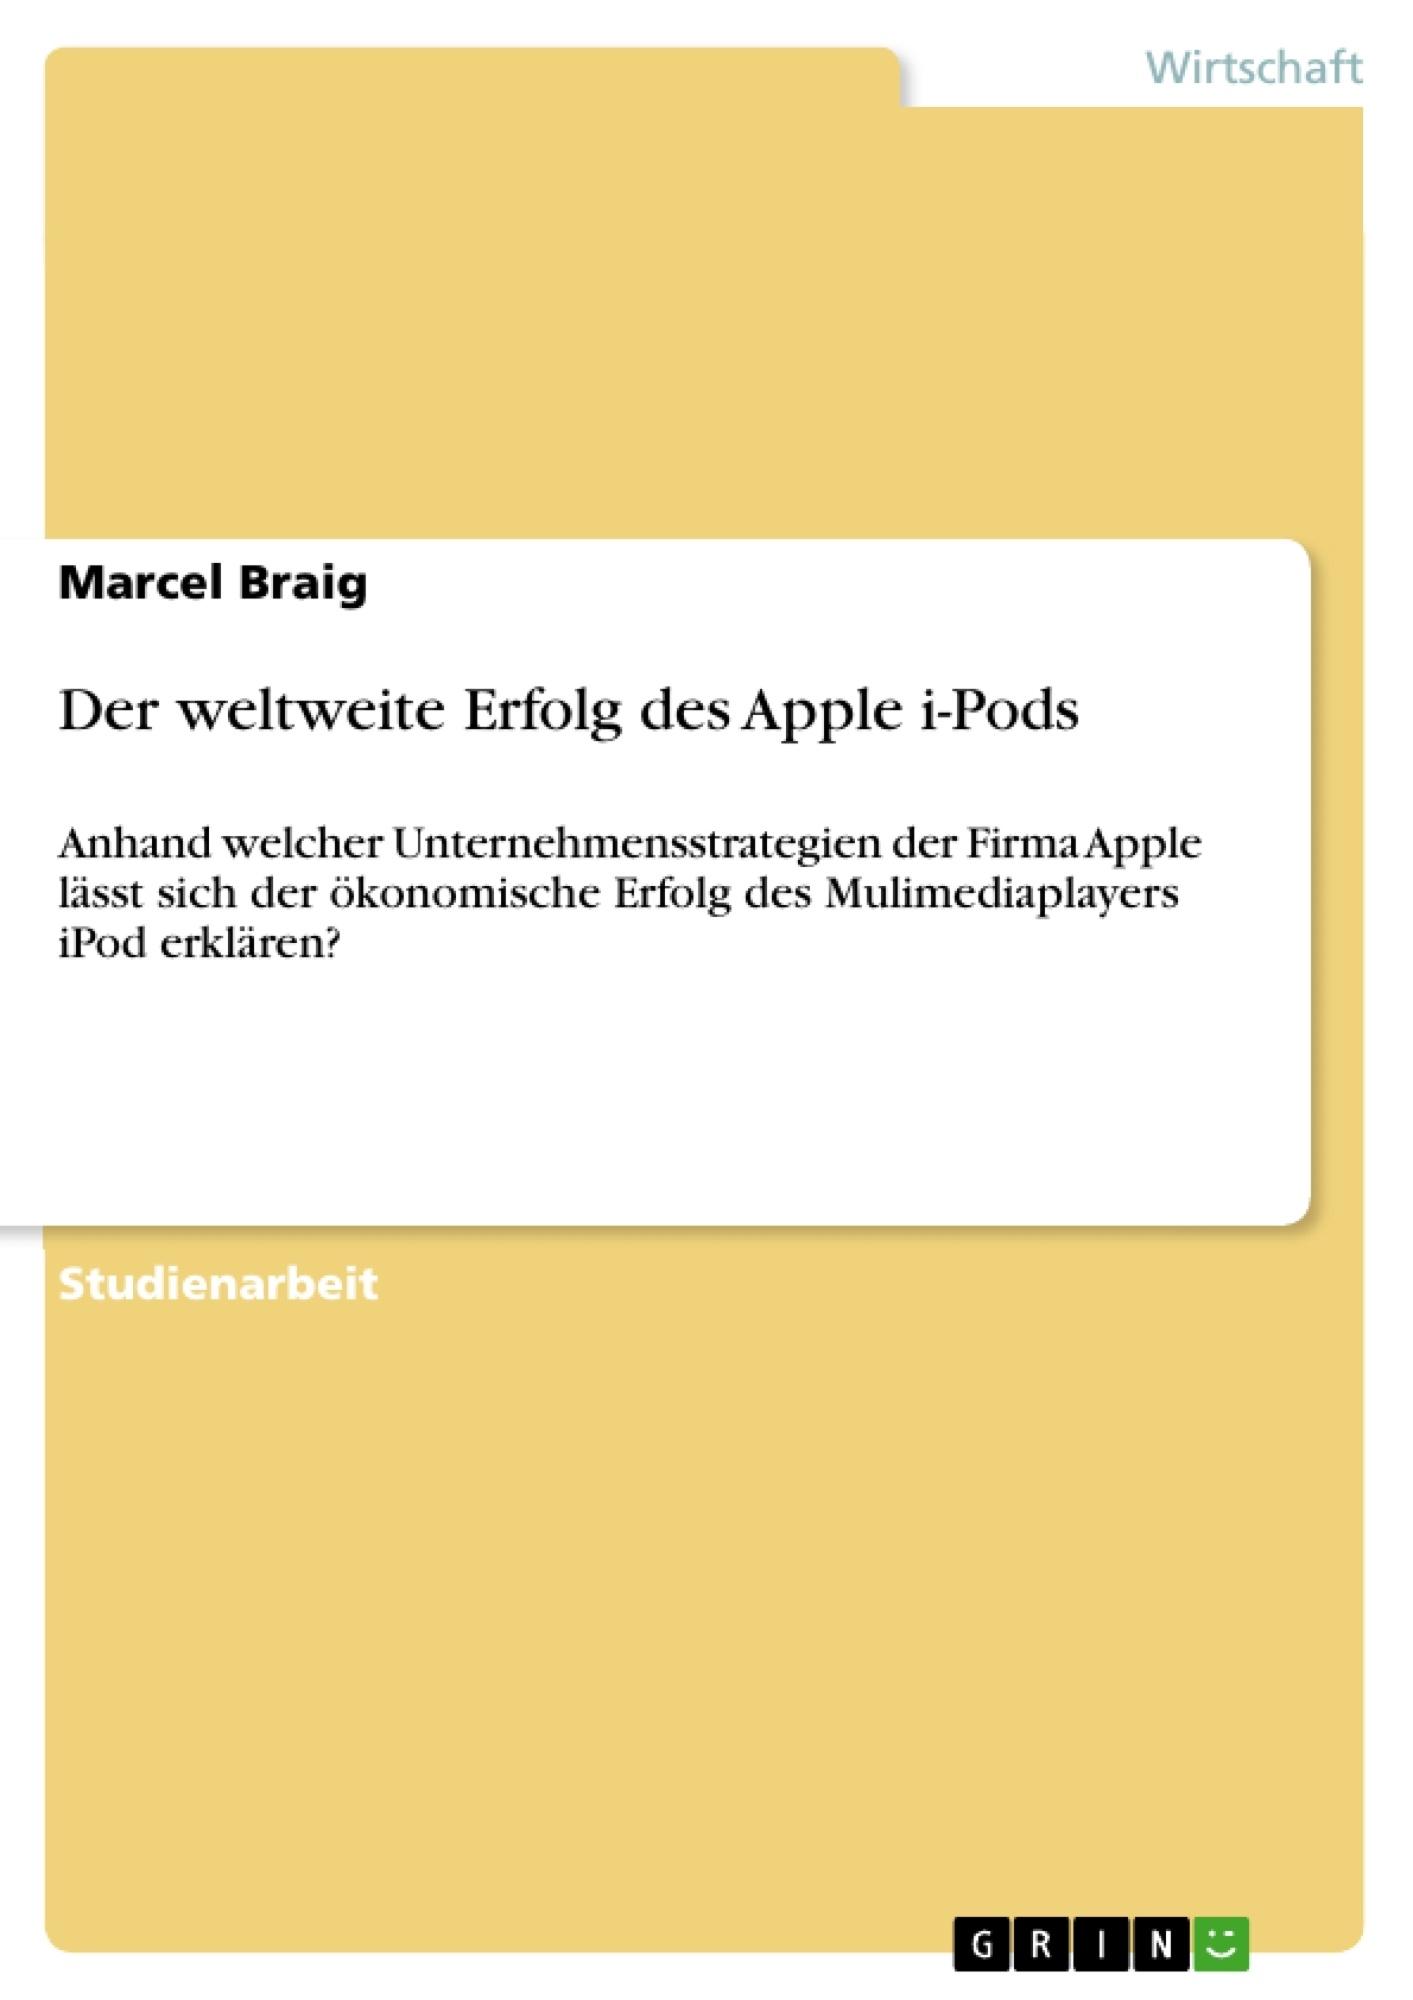 Titel: Der weltweite Erfolg des Apple i-Pods